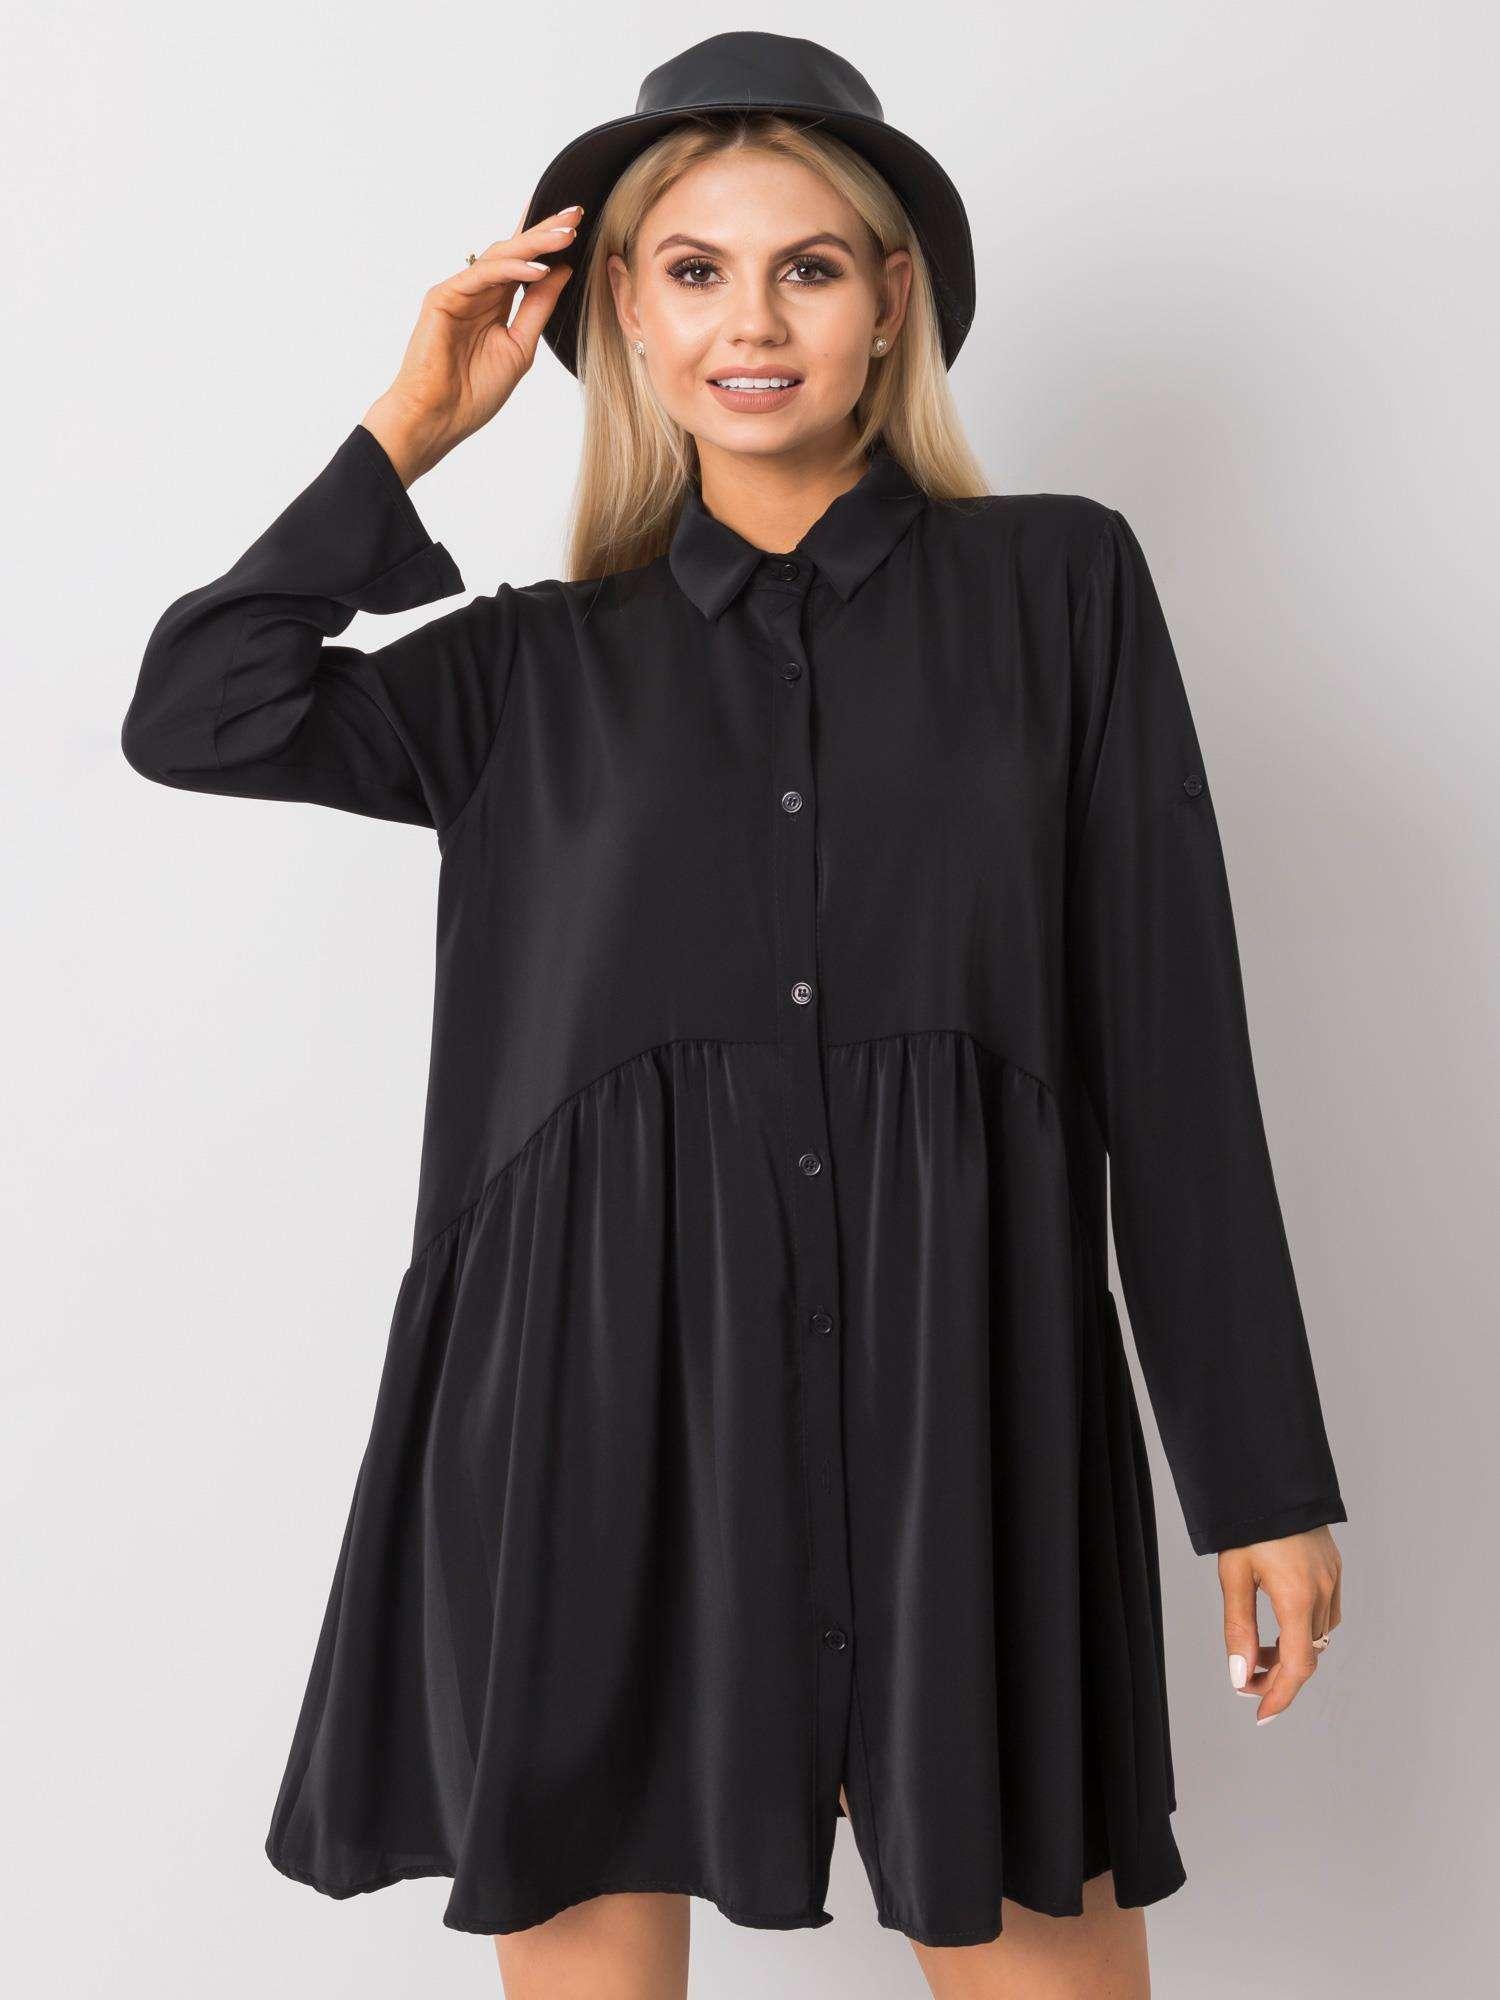 Minikleid in Schwarz mit verspieltem Look Vorderansicht